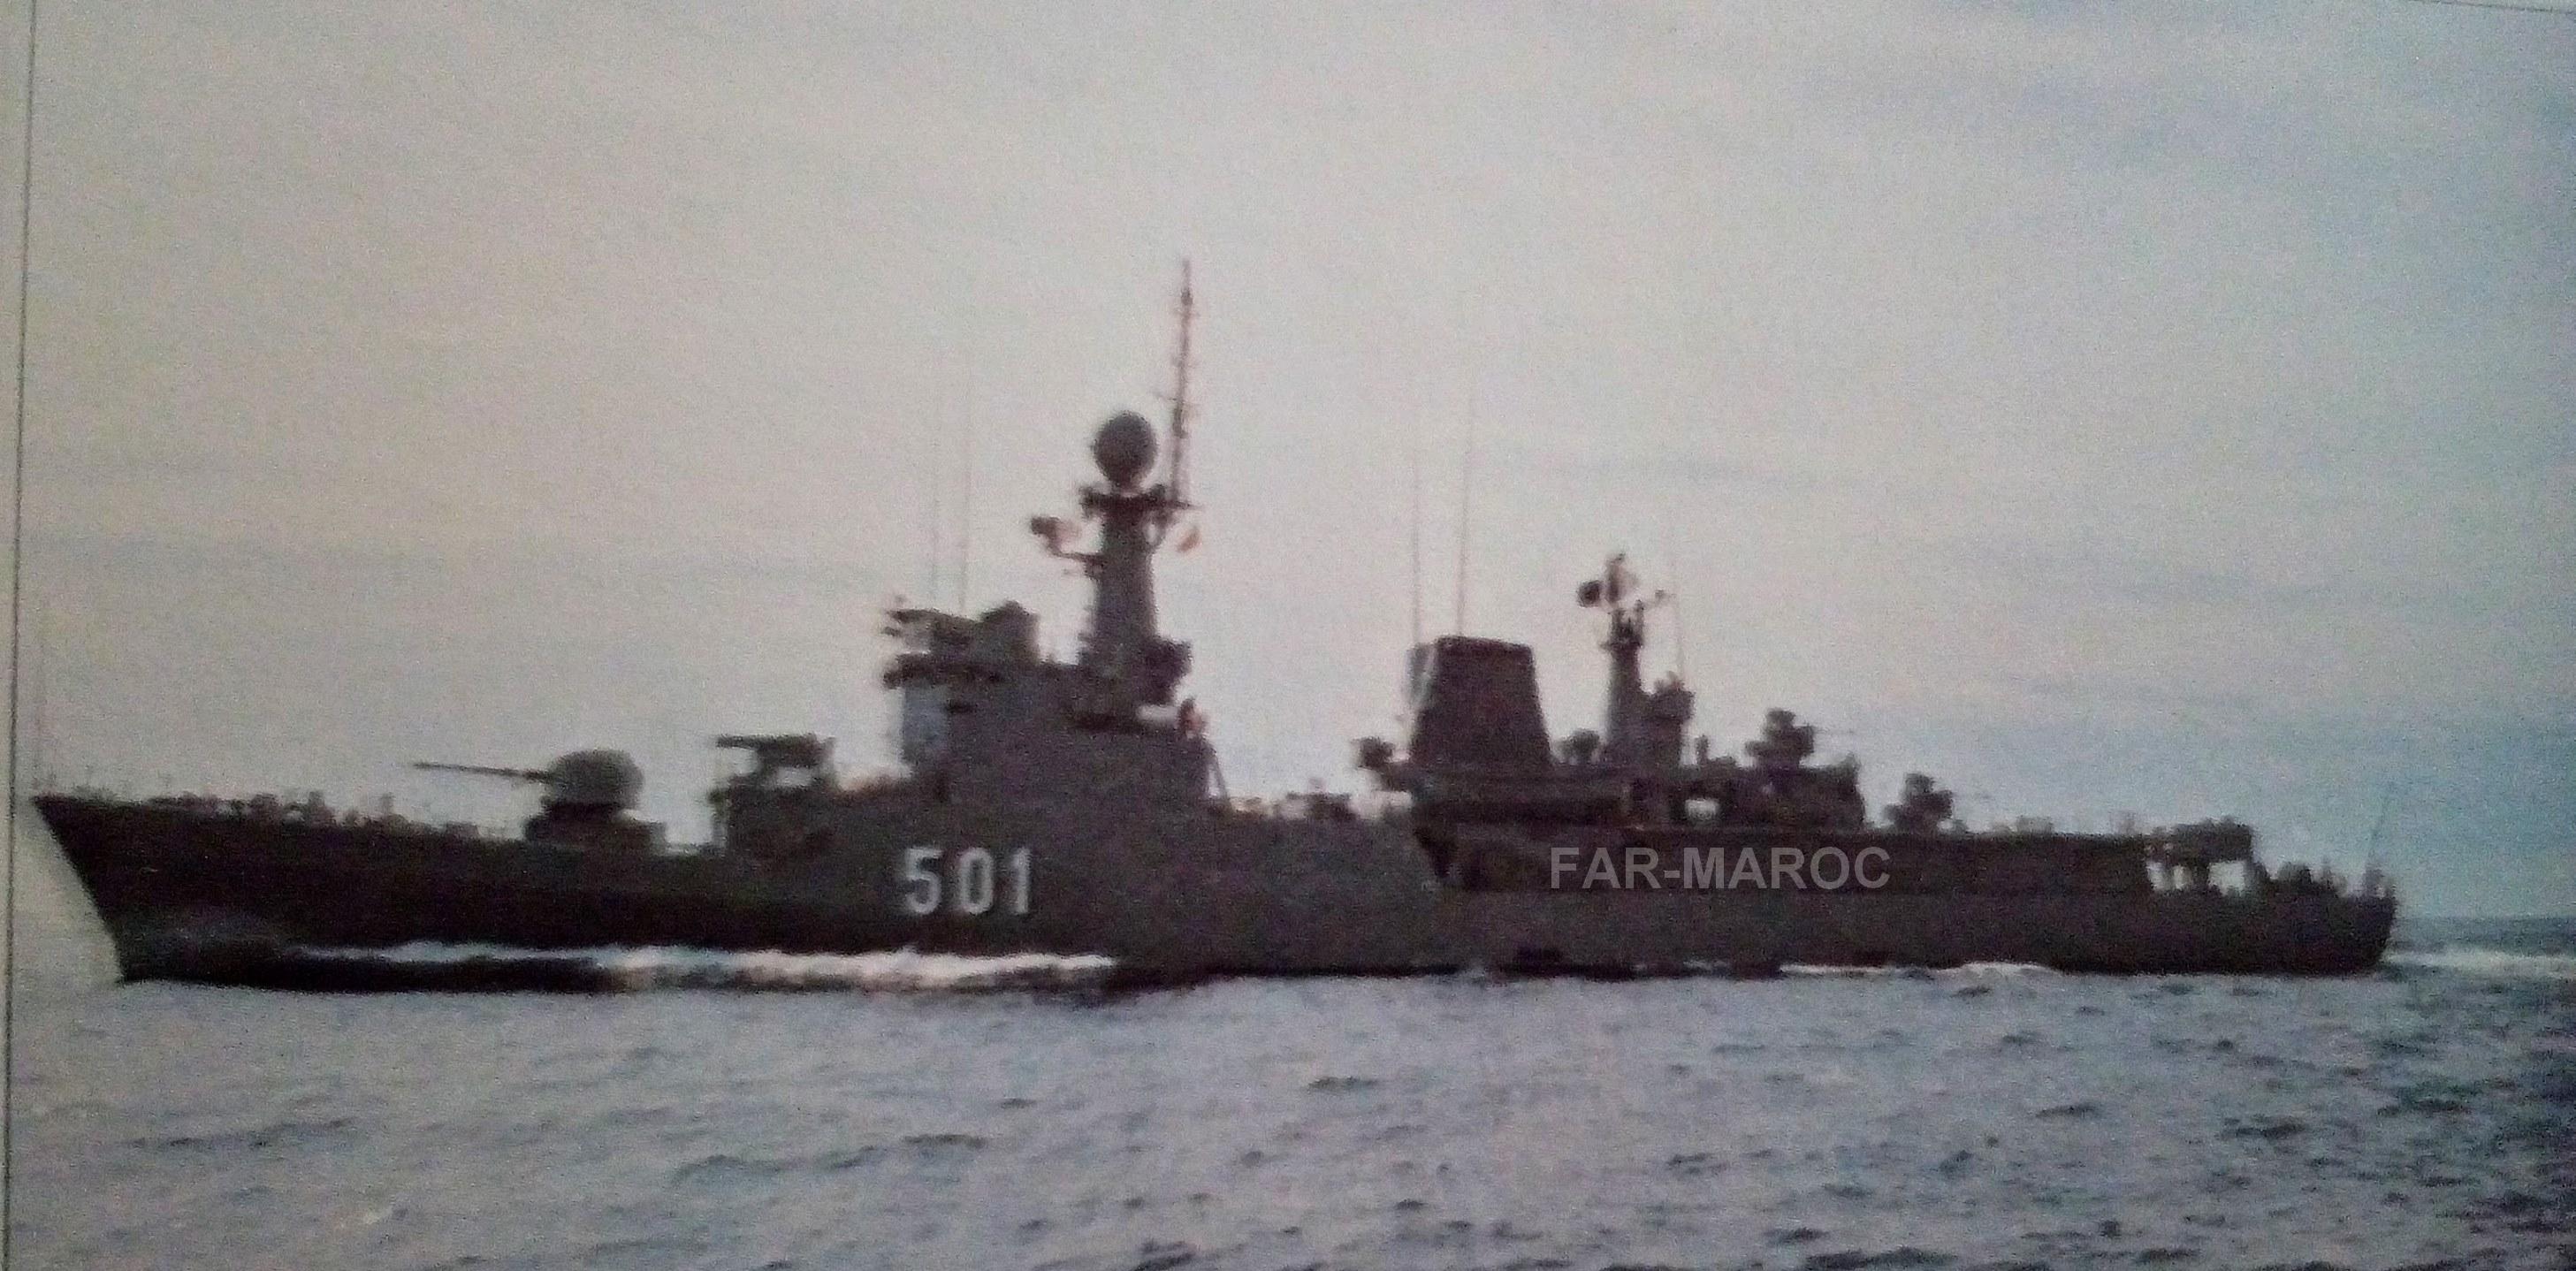 Royal Moroccan Navy Descubierta Frigate / Patrouilleur Océanique Lt Cl Errahmani - Bâtiment École - Page 4 49270377341_11d60ef706_o